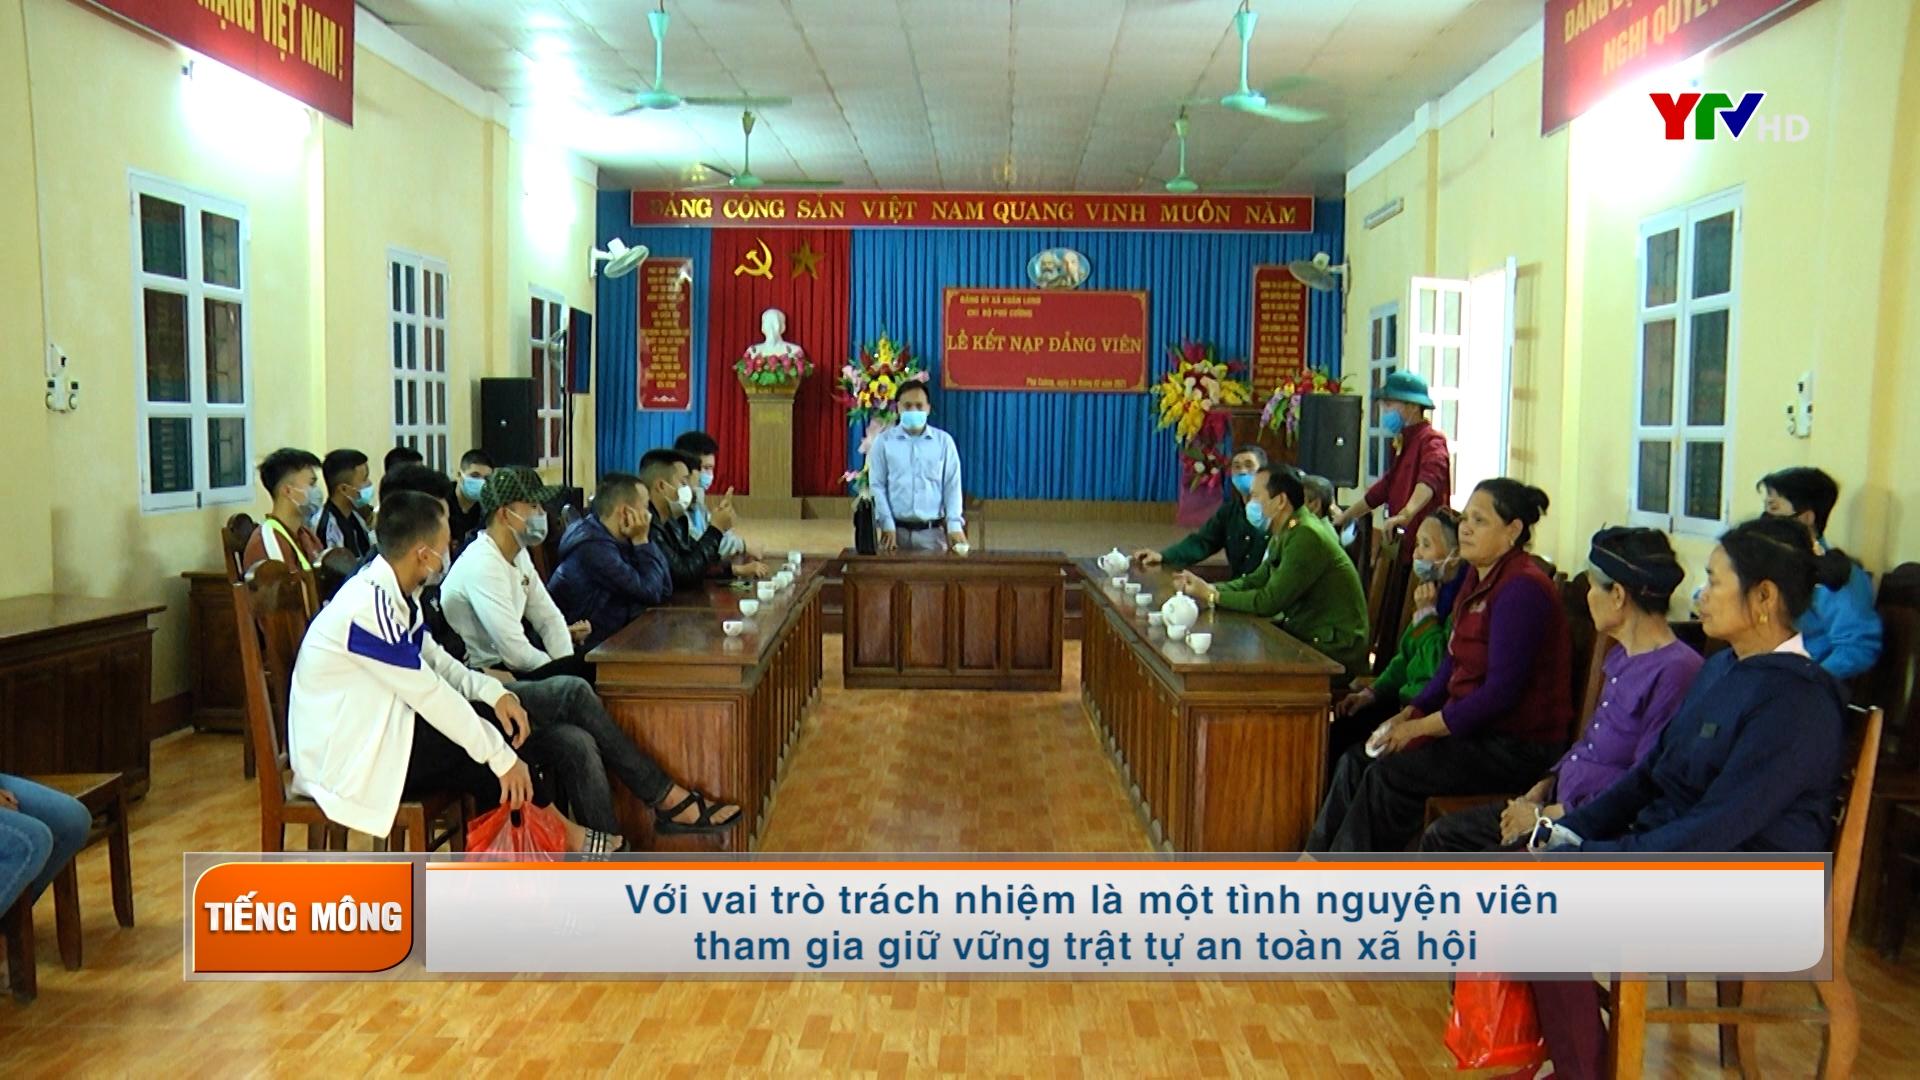 Truyền hình tiếng Mông số 5 tháng 3 năm 2021